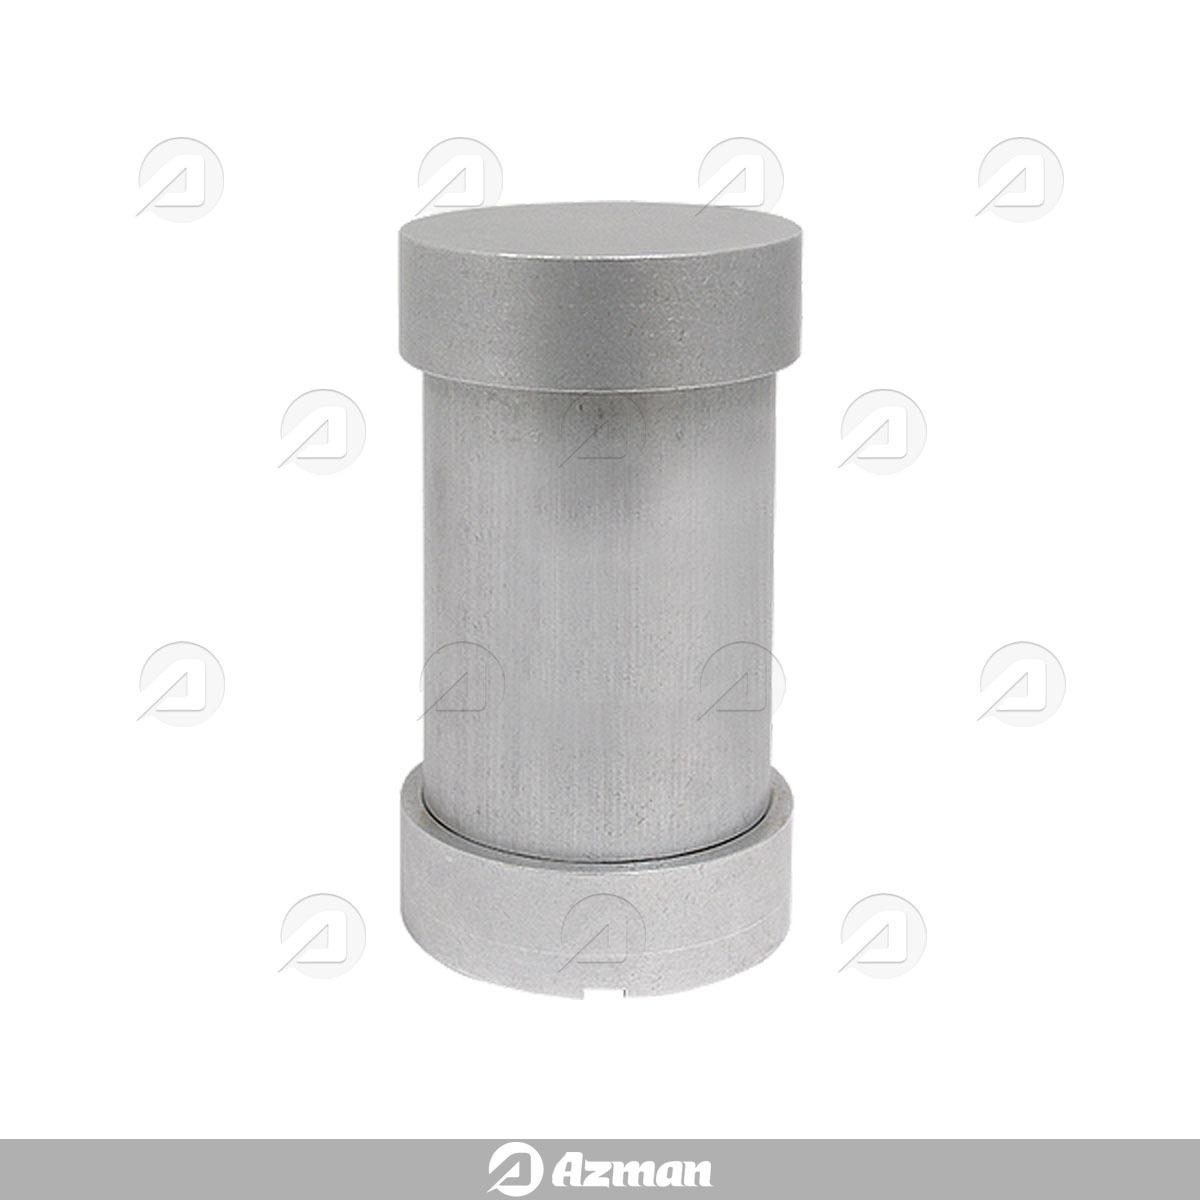 ظرف کالیبره دستگاه هوای بتن